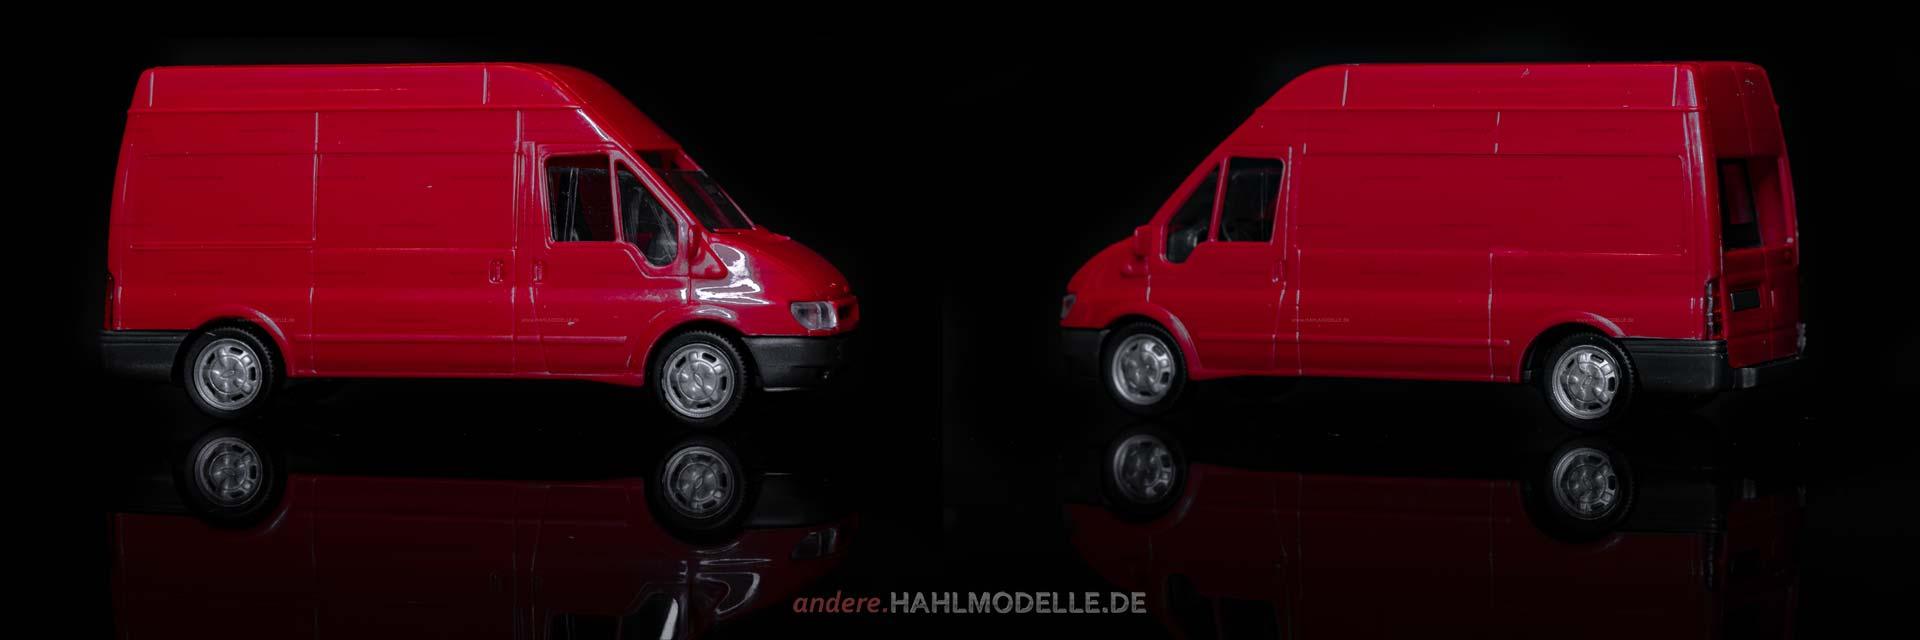 Ford Transit (Generation 5) | Kastenwagen | Rietze | 1:87 | www.andere.hahlmodelle.de